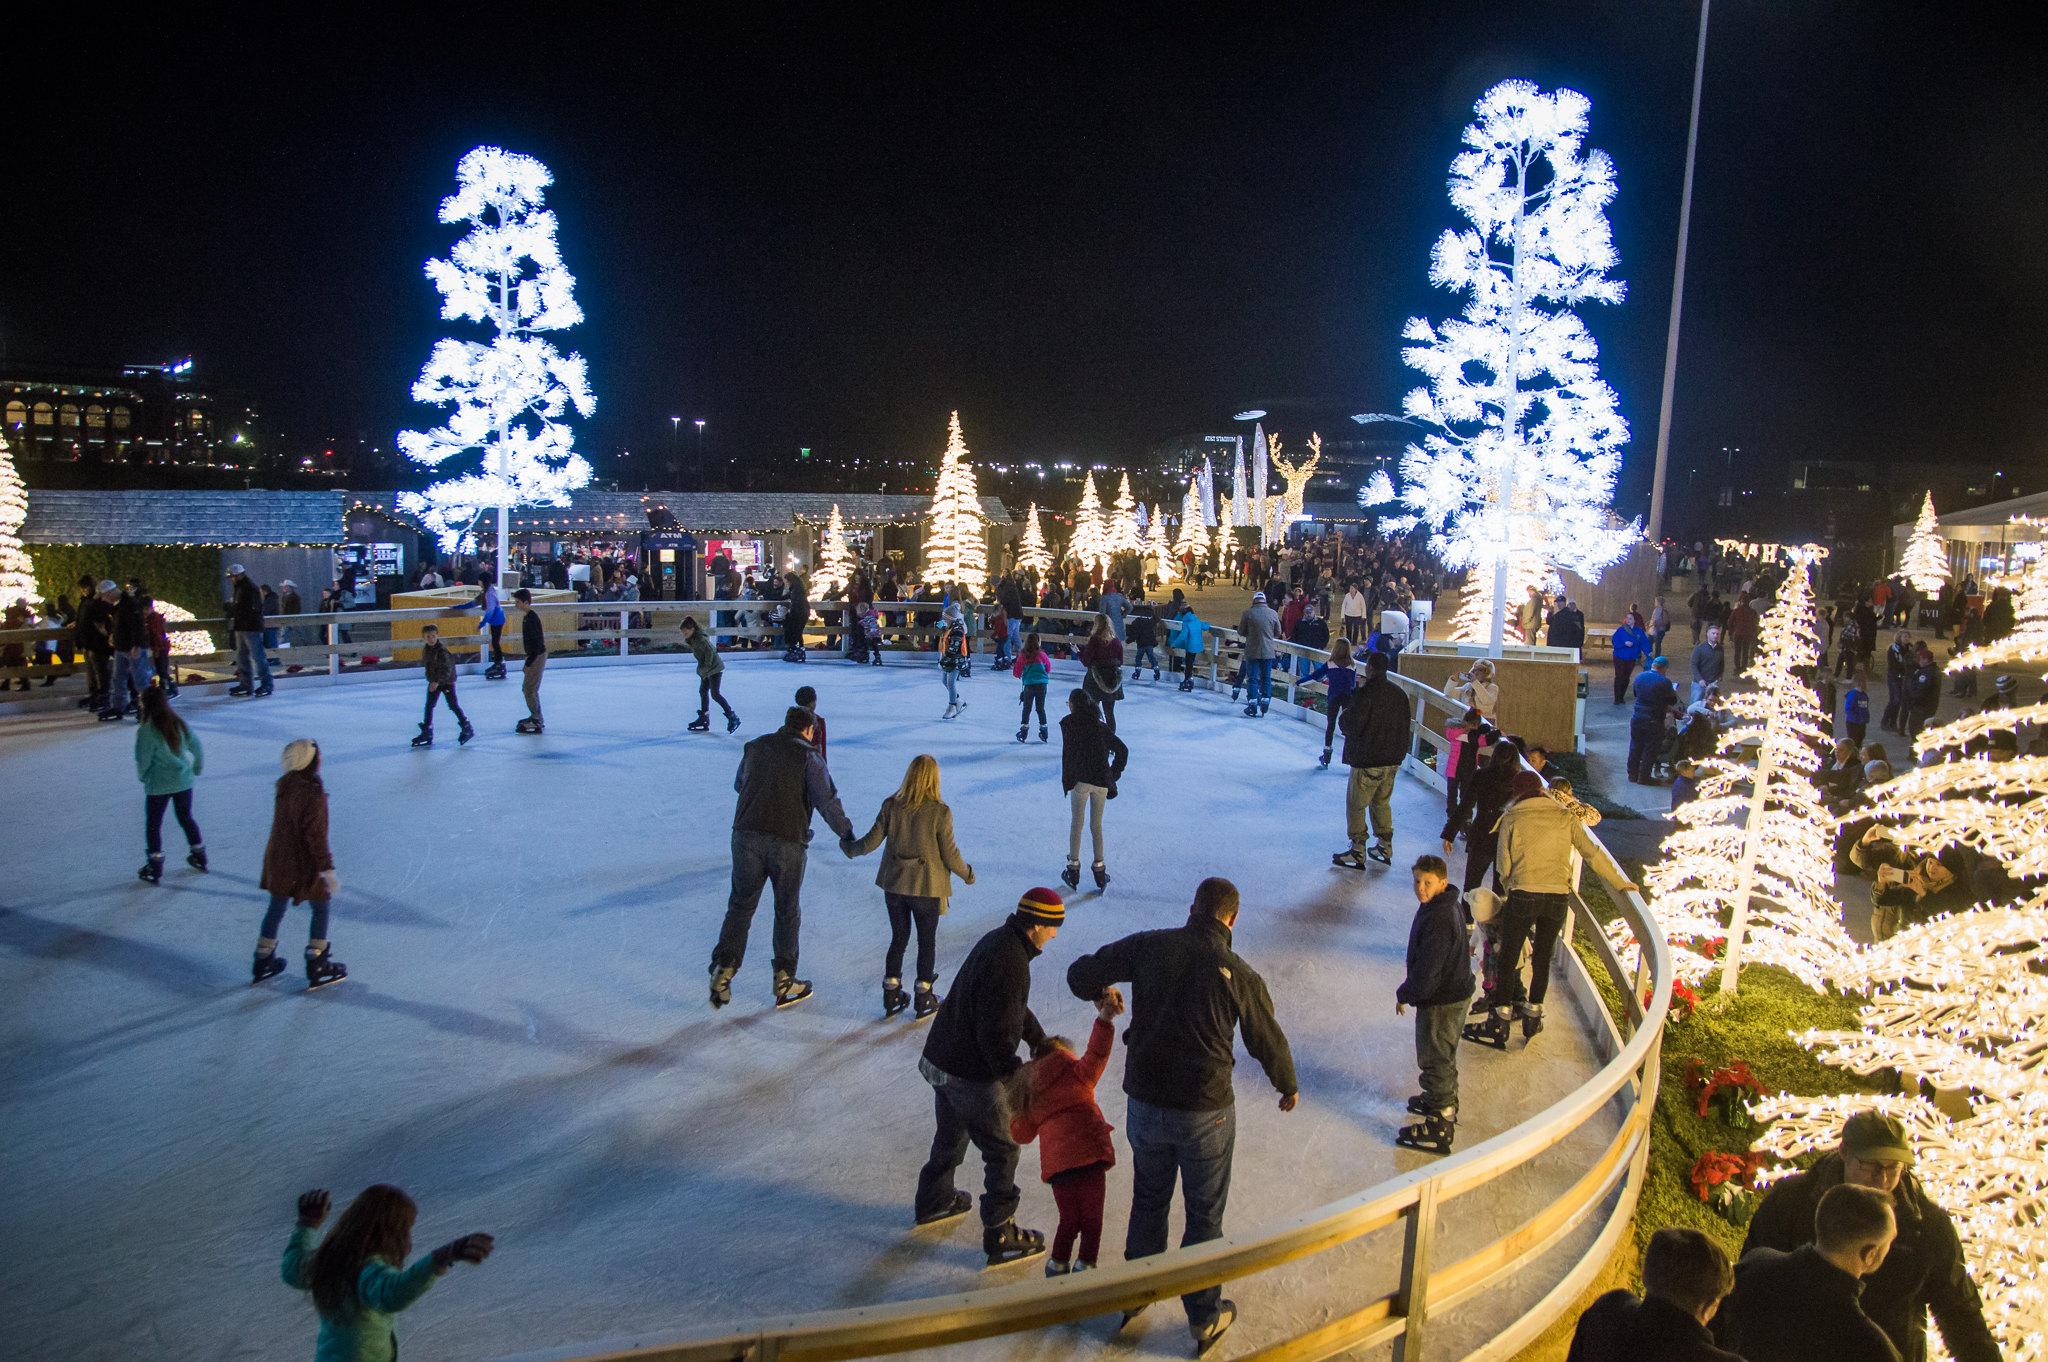 4 Things You'll Find at Enchant Christmas Arlington